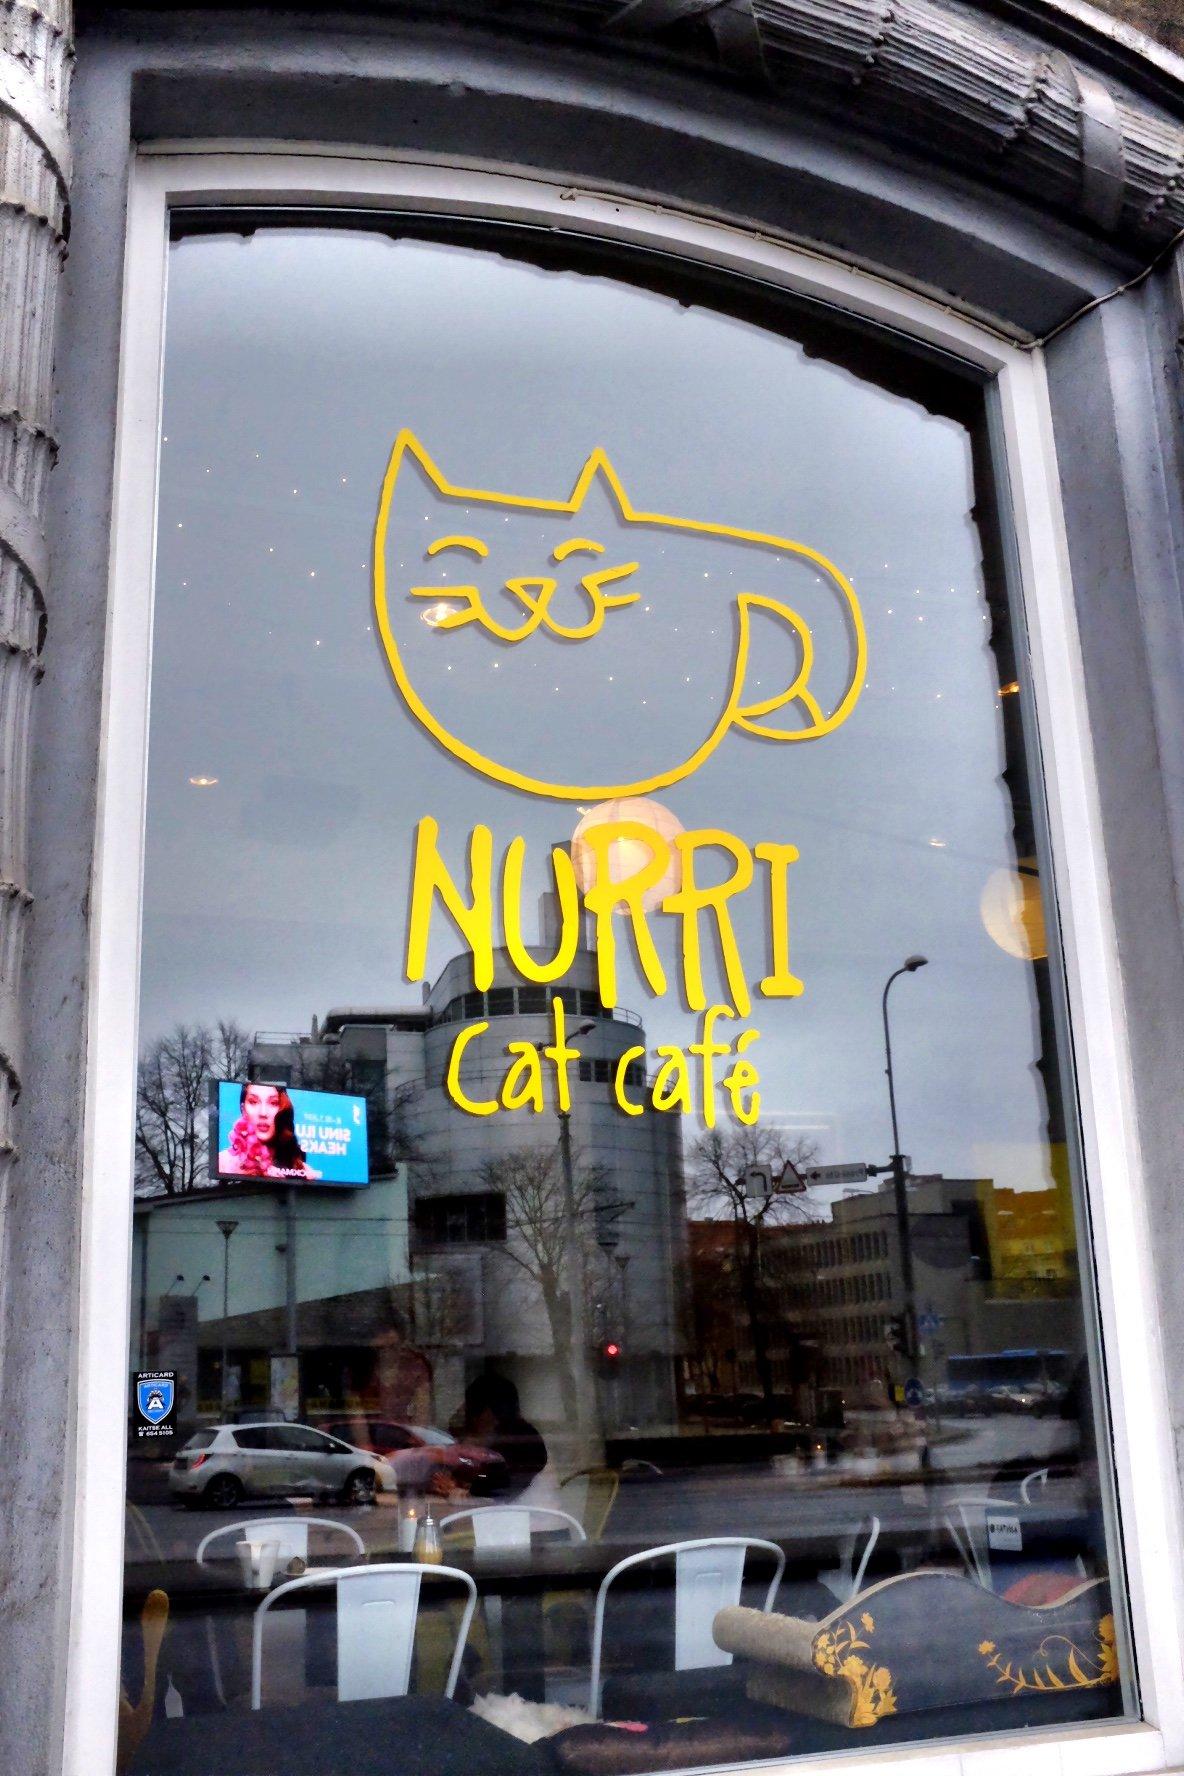 Nurri Cat Cafe in Tallinn